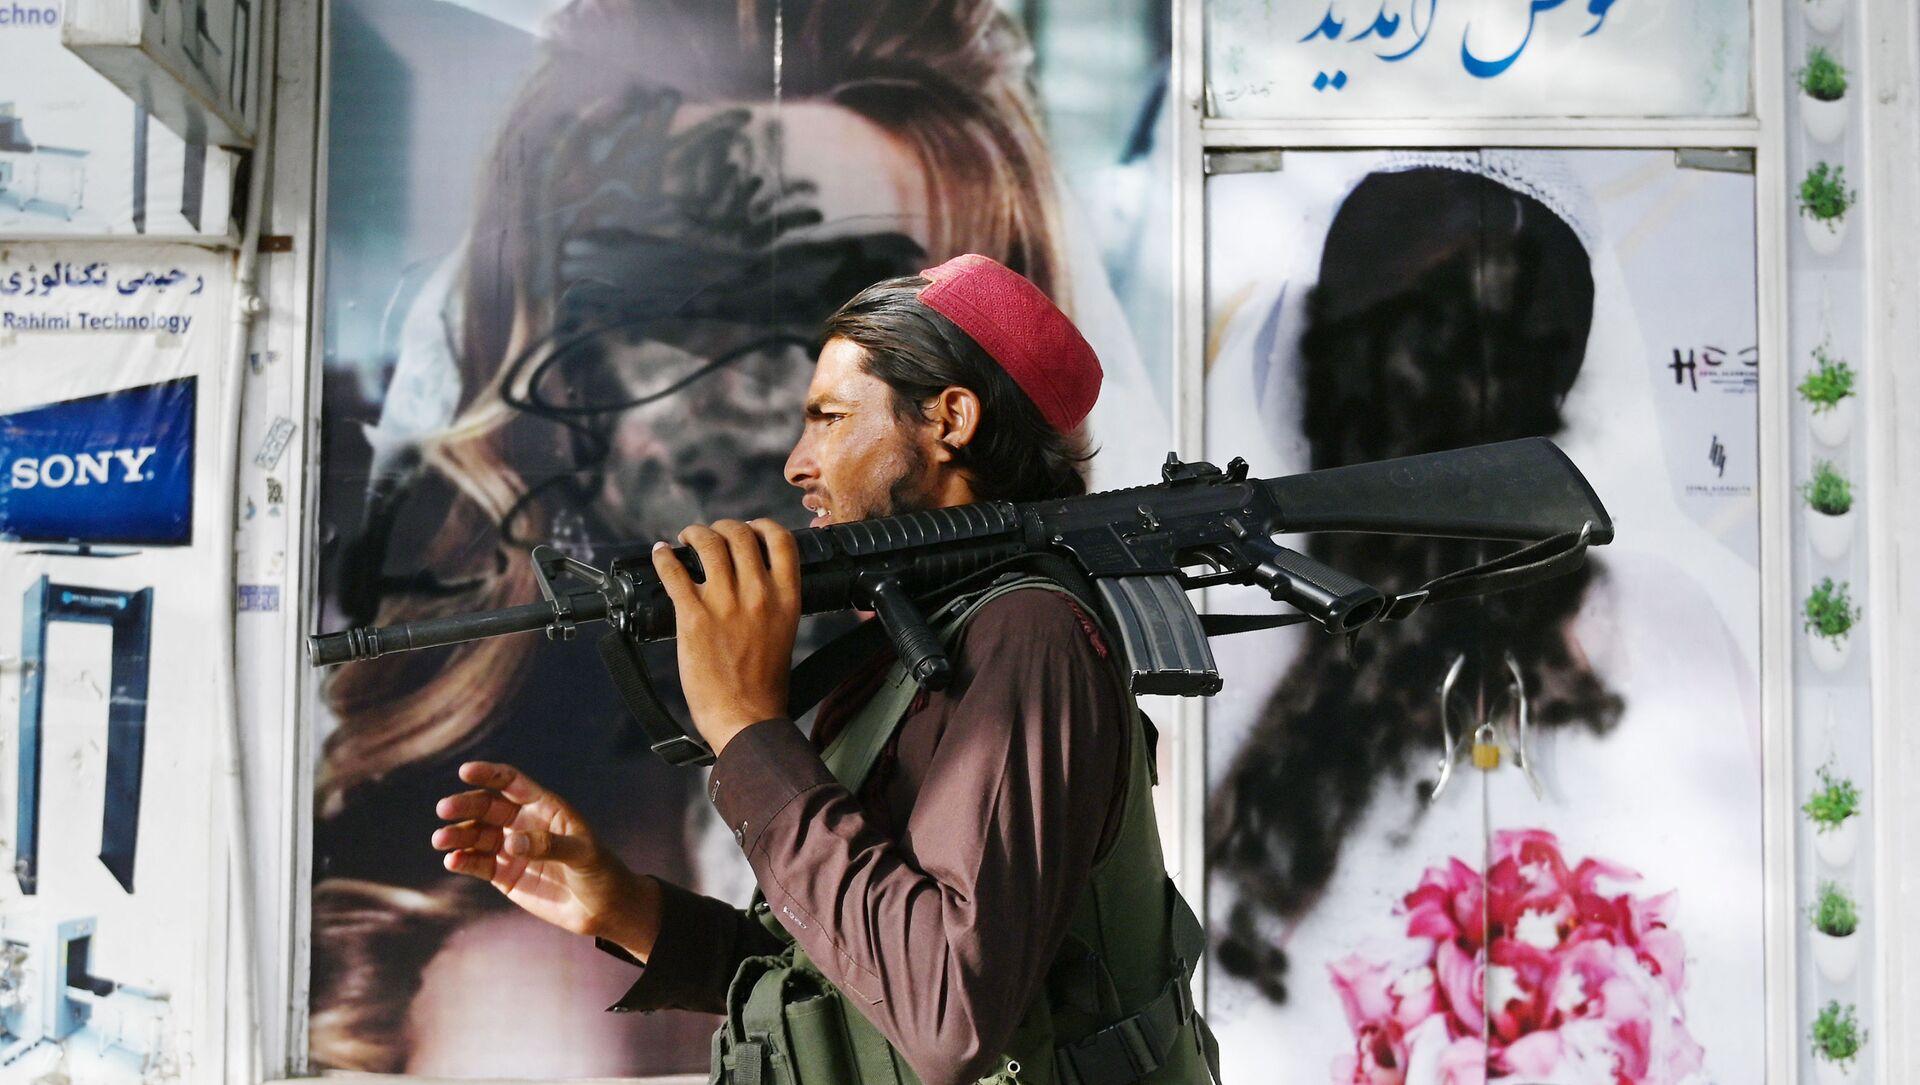 Боевики движения Талибан (террористическая группировка, запрещеннфая в РФ) в Кабуле, 18 авгутса 2021 года - Sputnik Azərbaycan, 1920, 26.08.2021